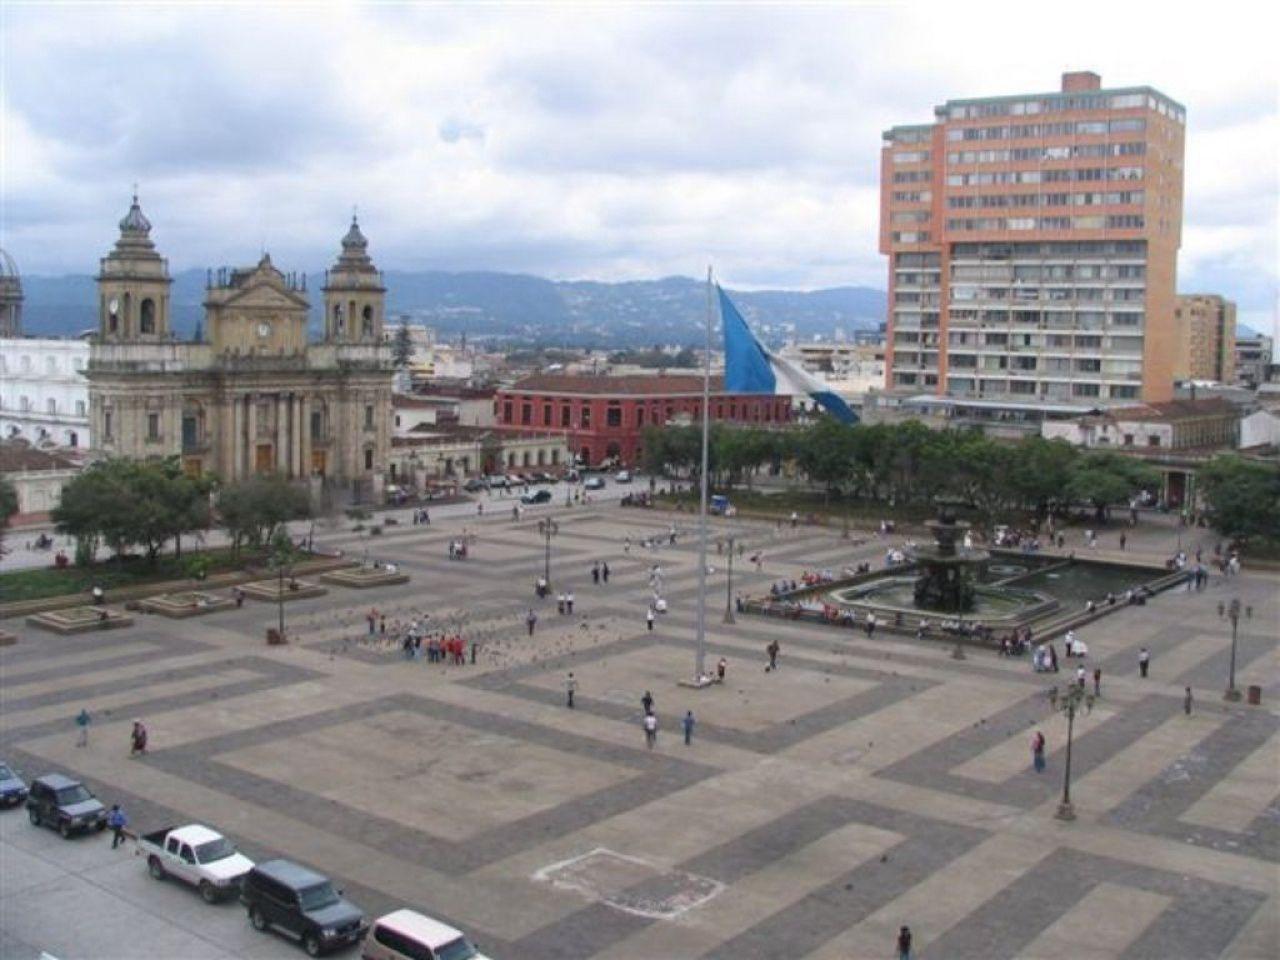 El laberitno esta diseñado en base al Parque Central en la ciudad de Guatemala, te dejo una foto